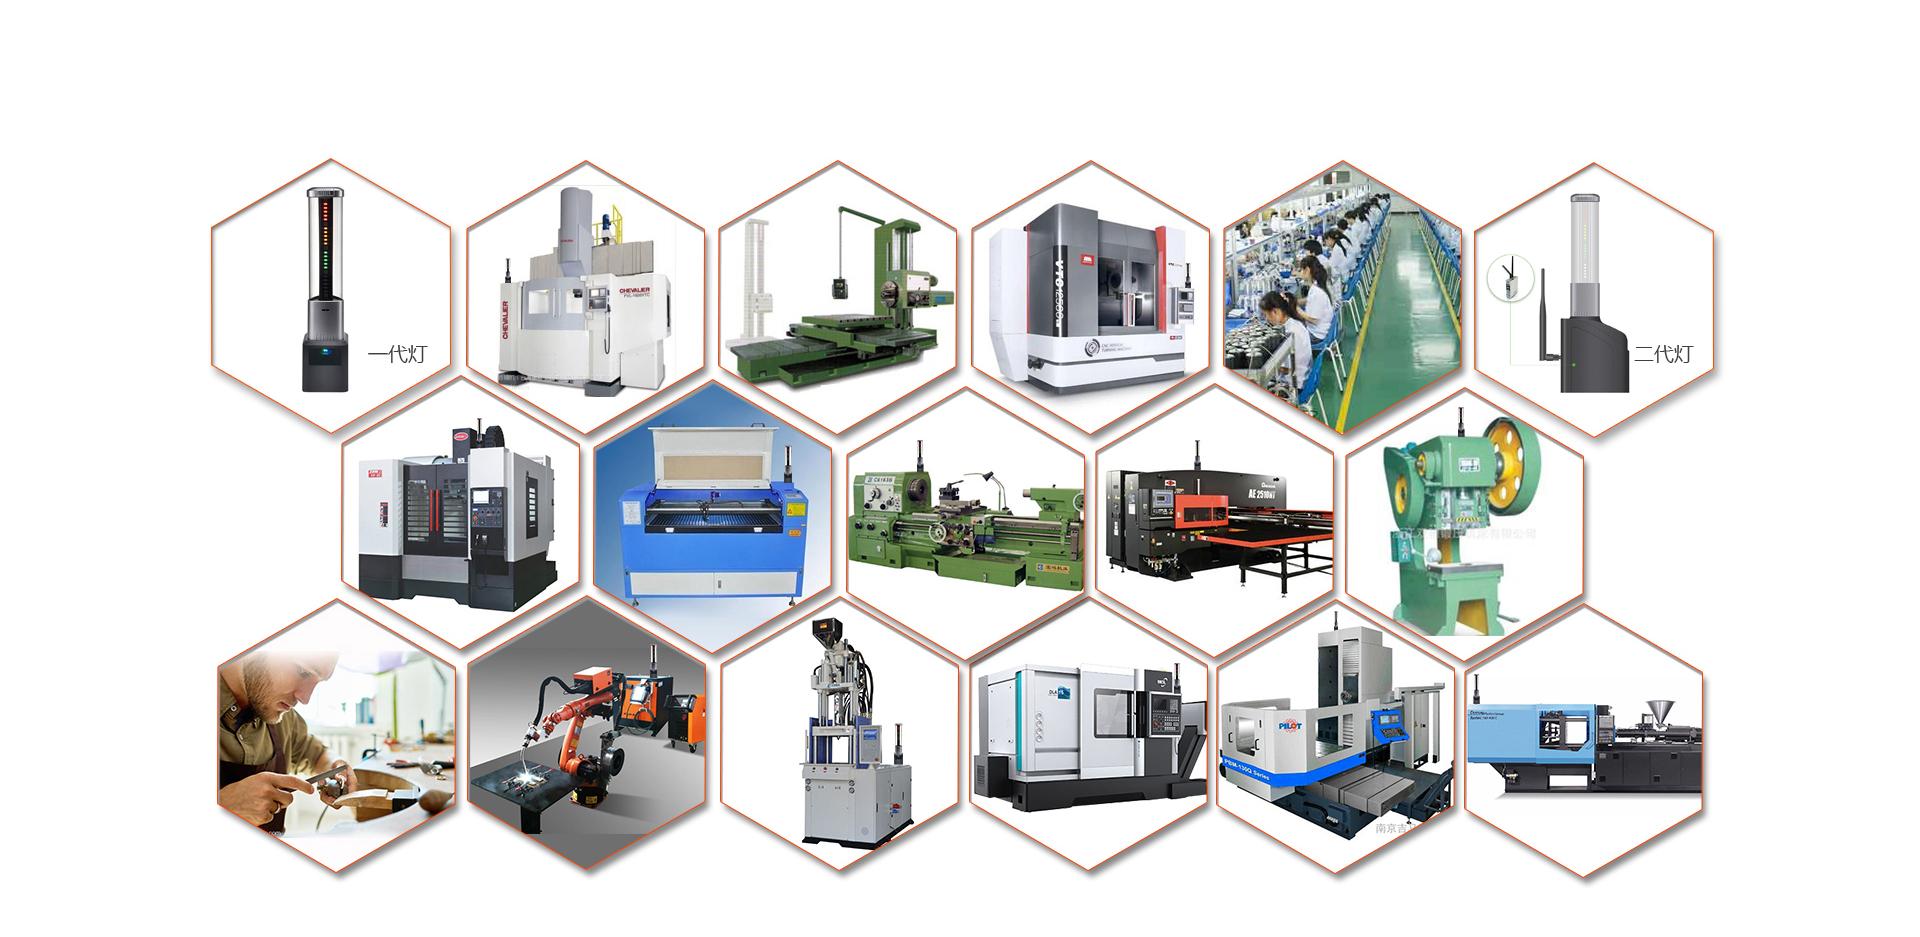 设备综合效率oee 设备稼动率统计  设备利用率统计 设备利用率